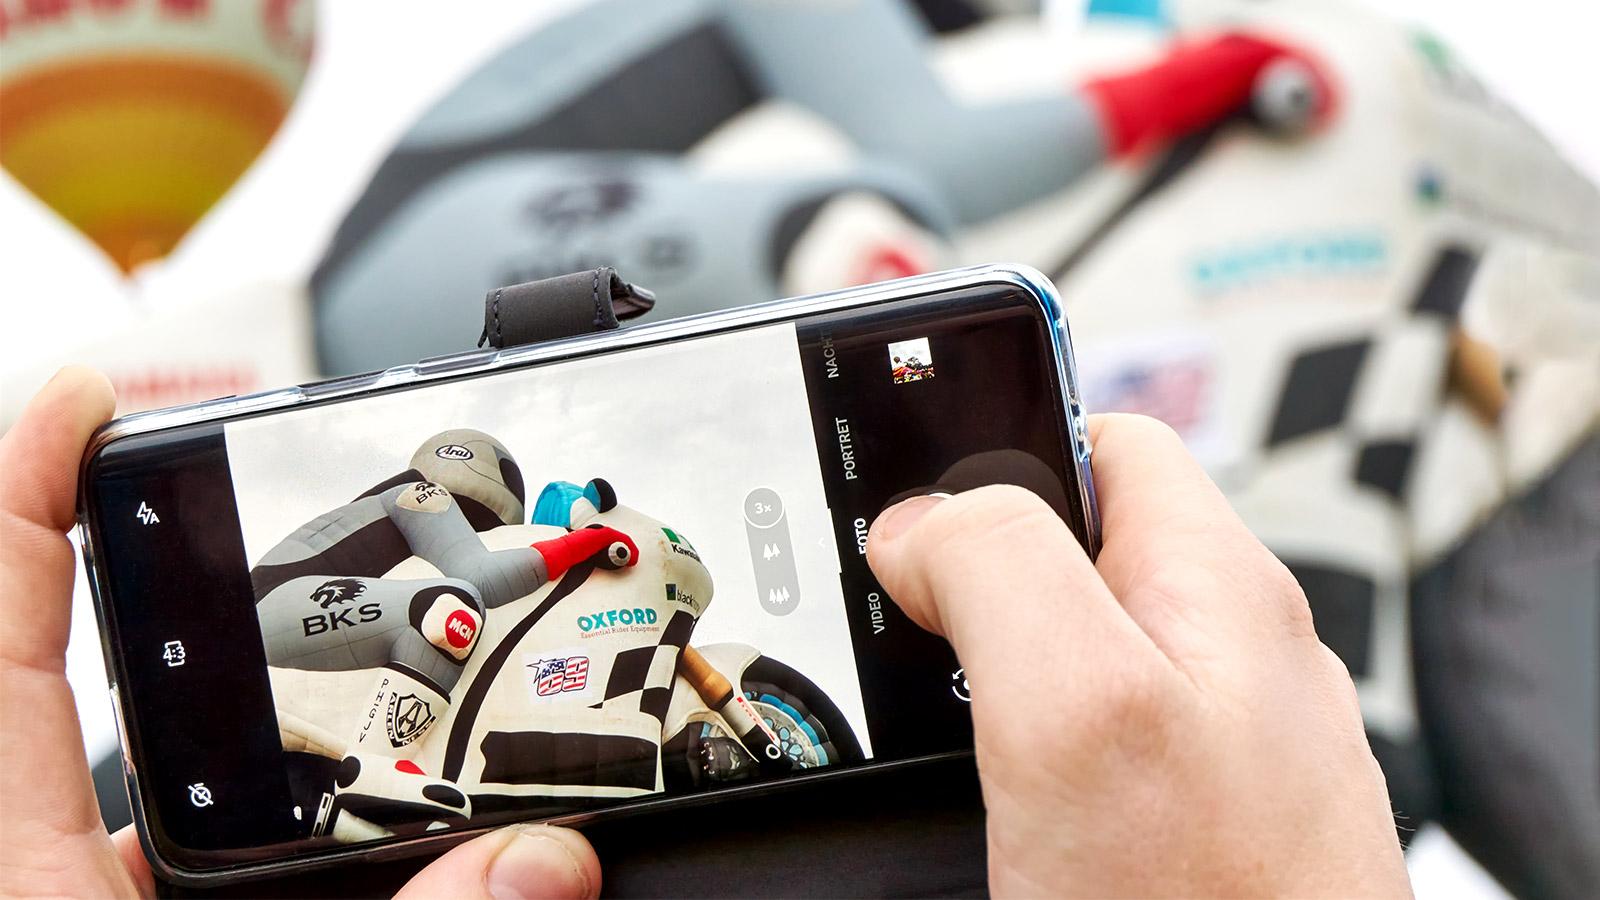 Las cámaras de los móviles